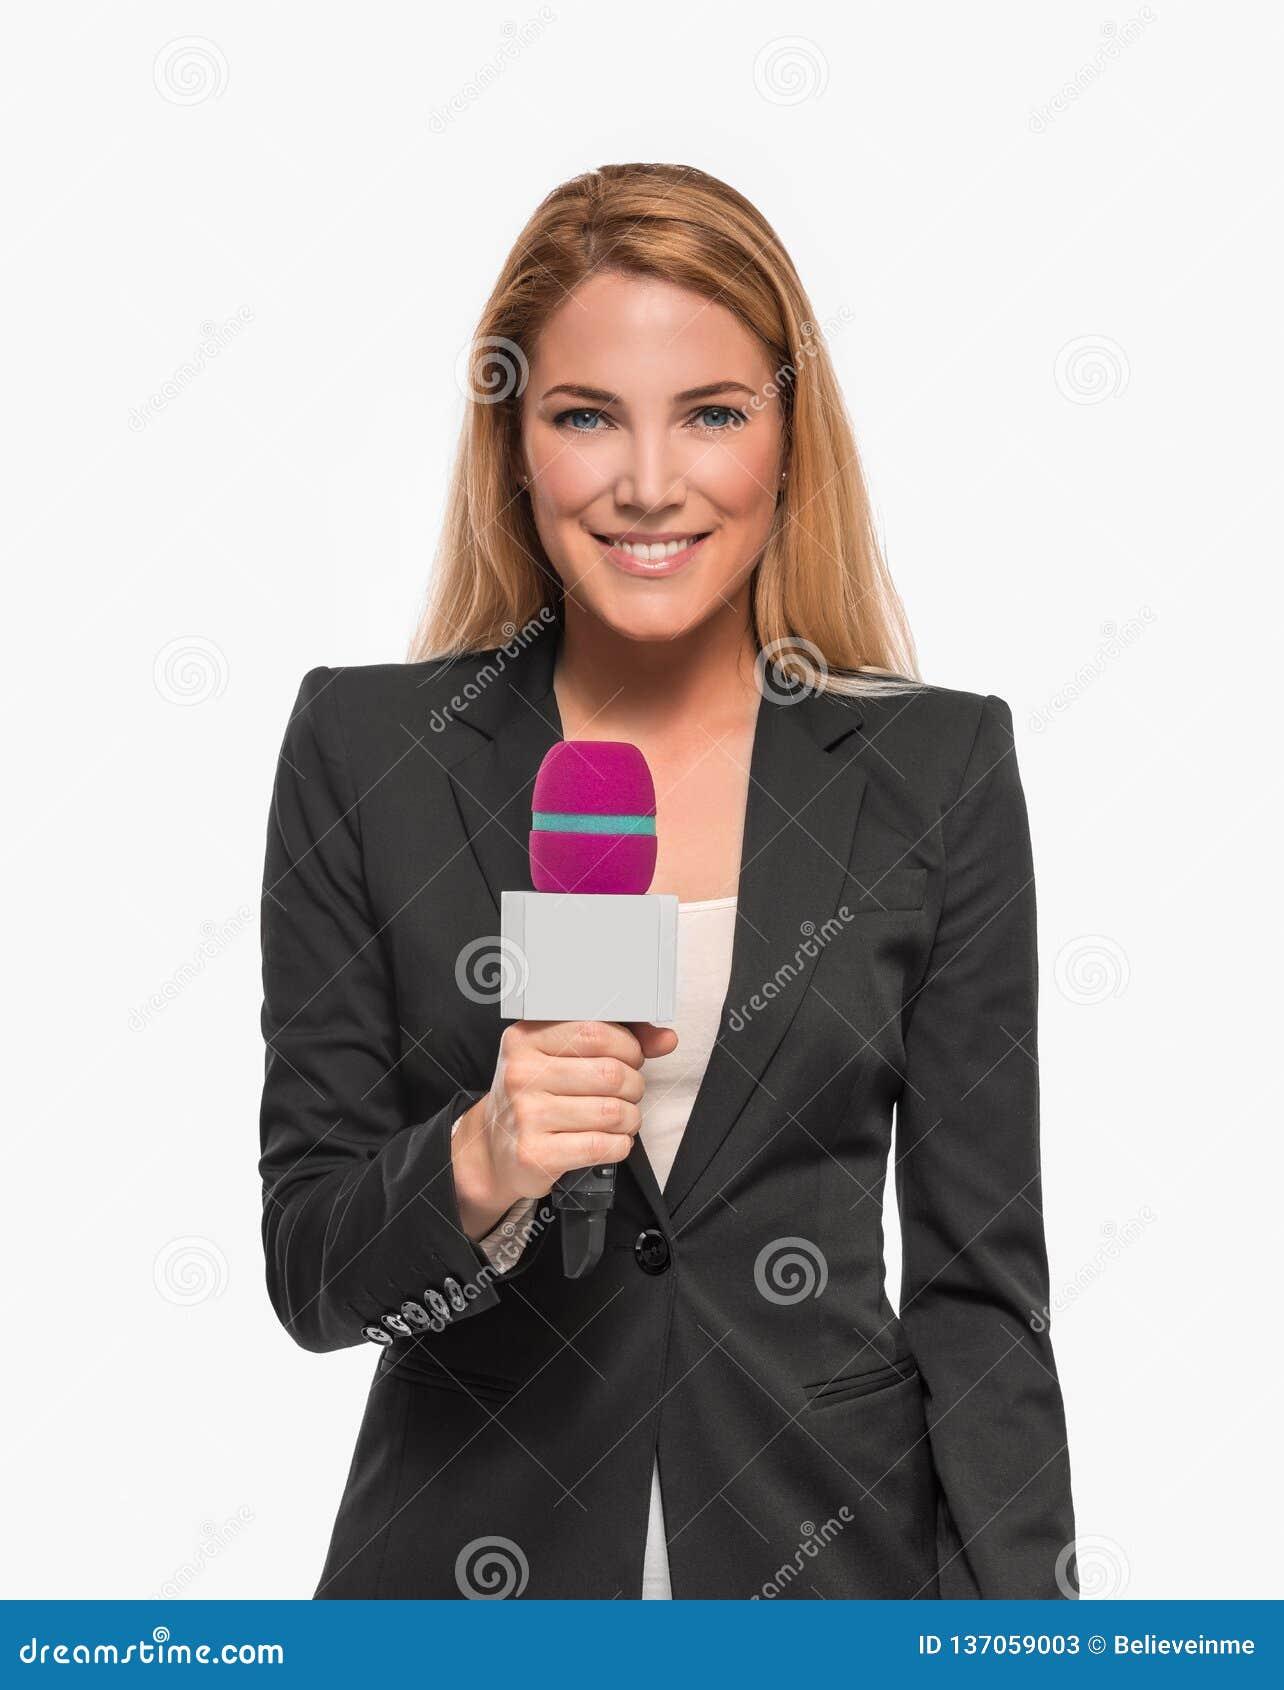 拿着话筒和点的可爱的金发碧眼的女人电视赠送者对对象